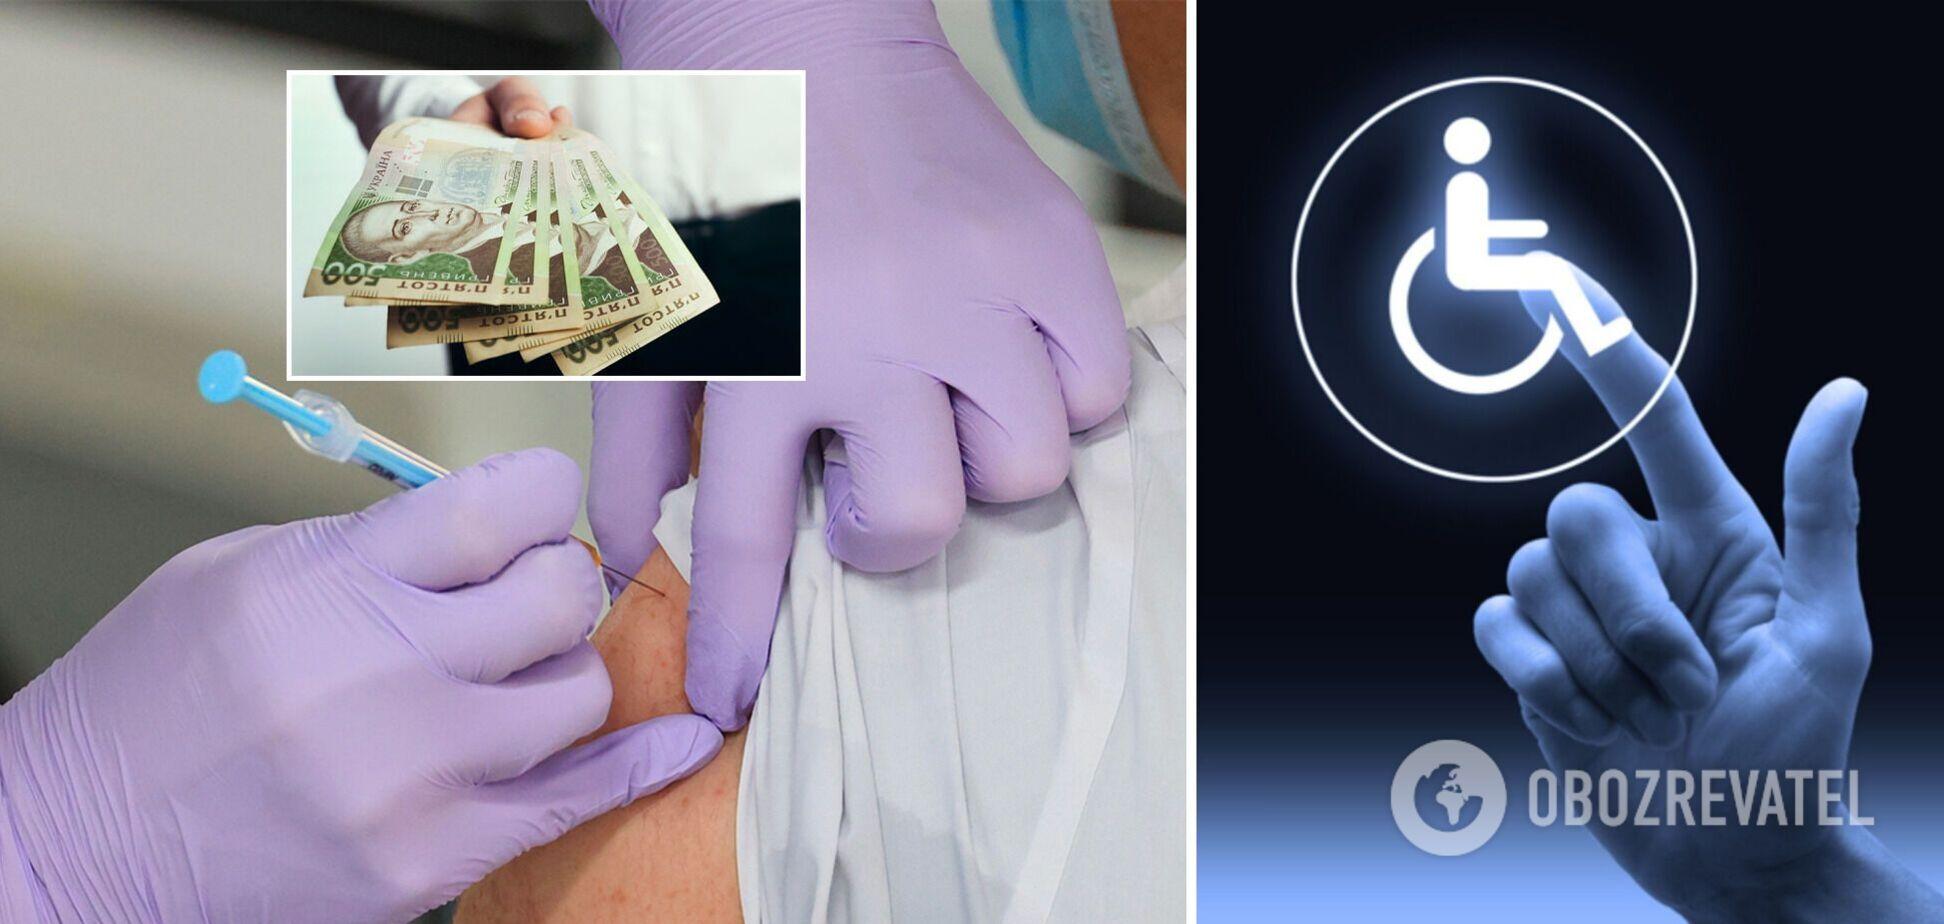 Украинцам будут платить в случае осложнений после вакцинации от COVID-19: кто и сколько сможет получить